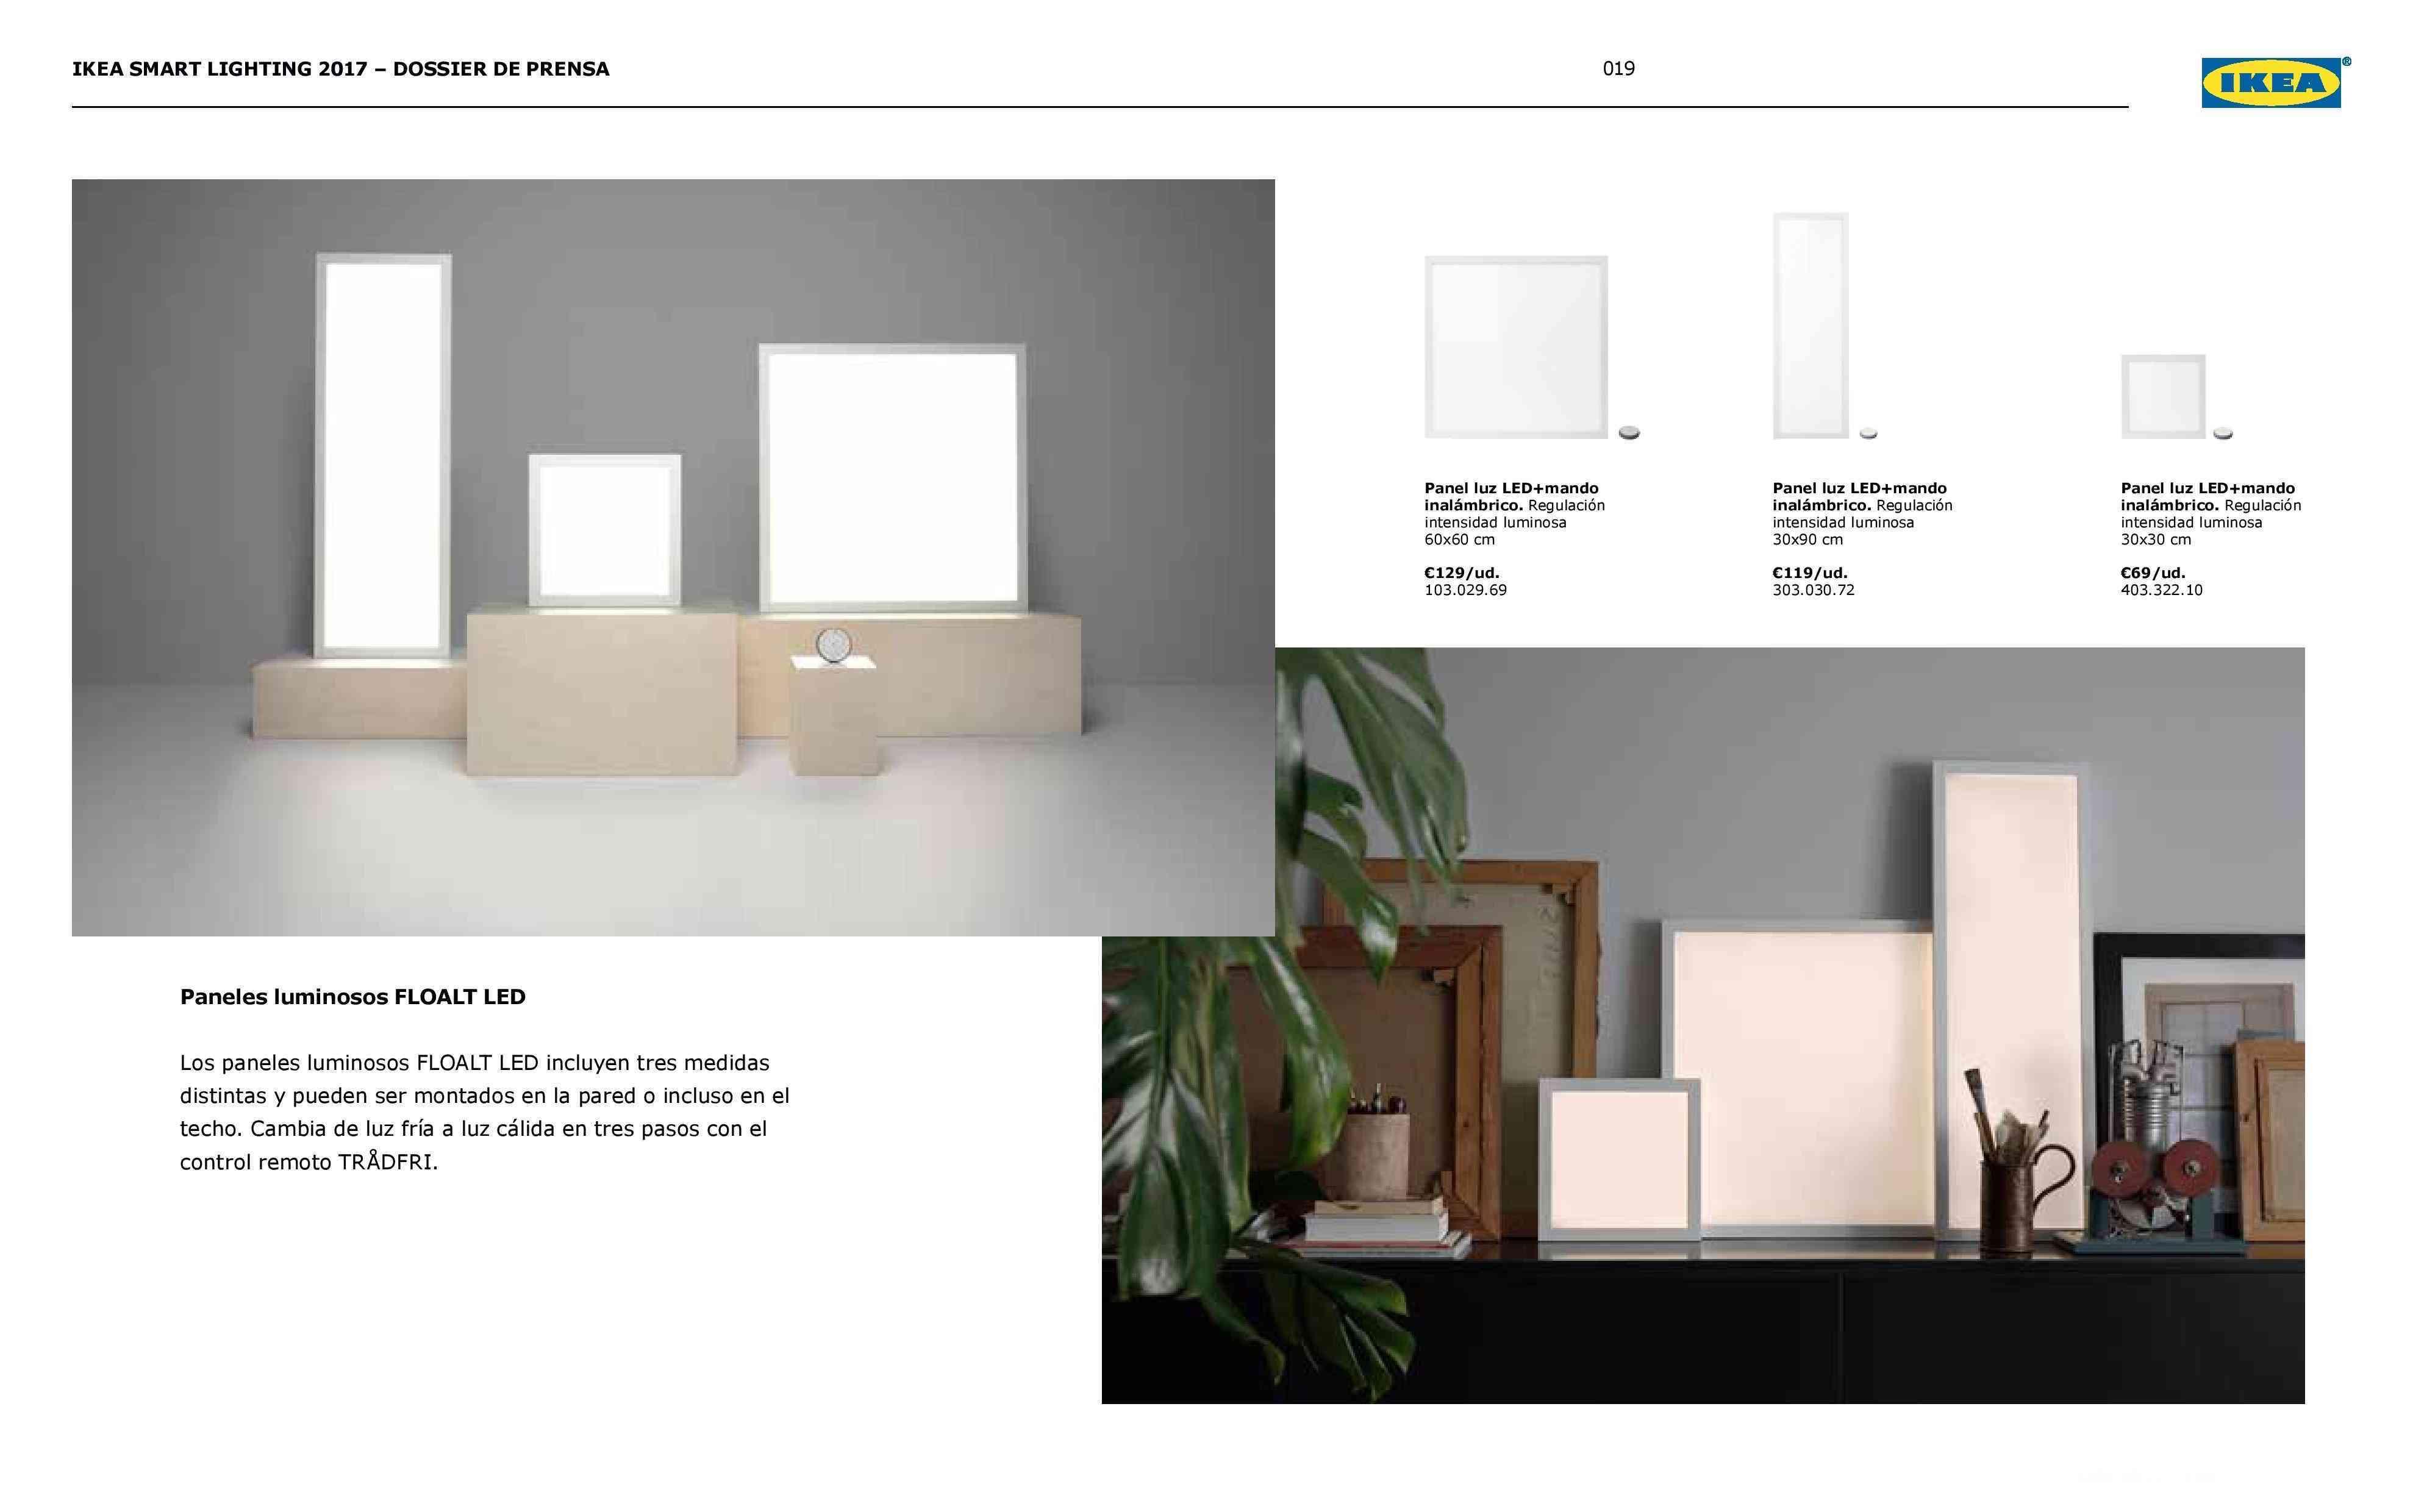 Novedades en iluminaci n de casas inteligentes con ikea - Ikea iluminacion ninos ...